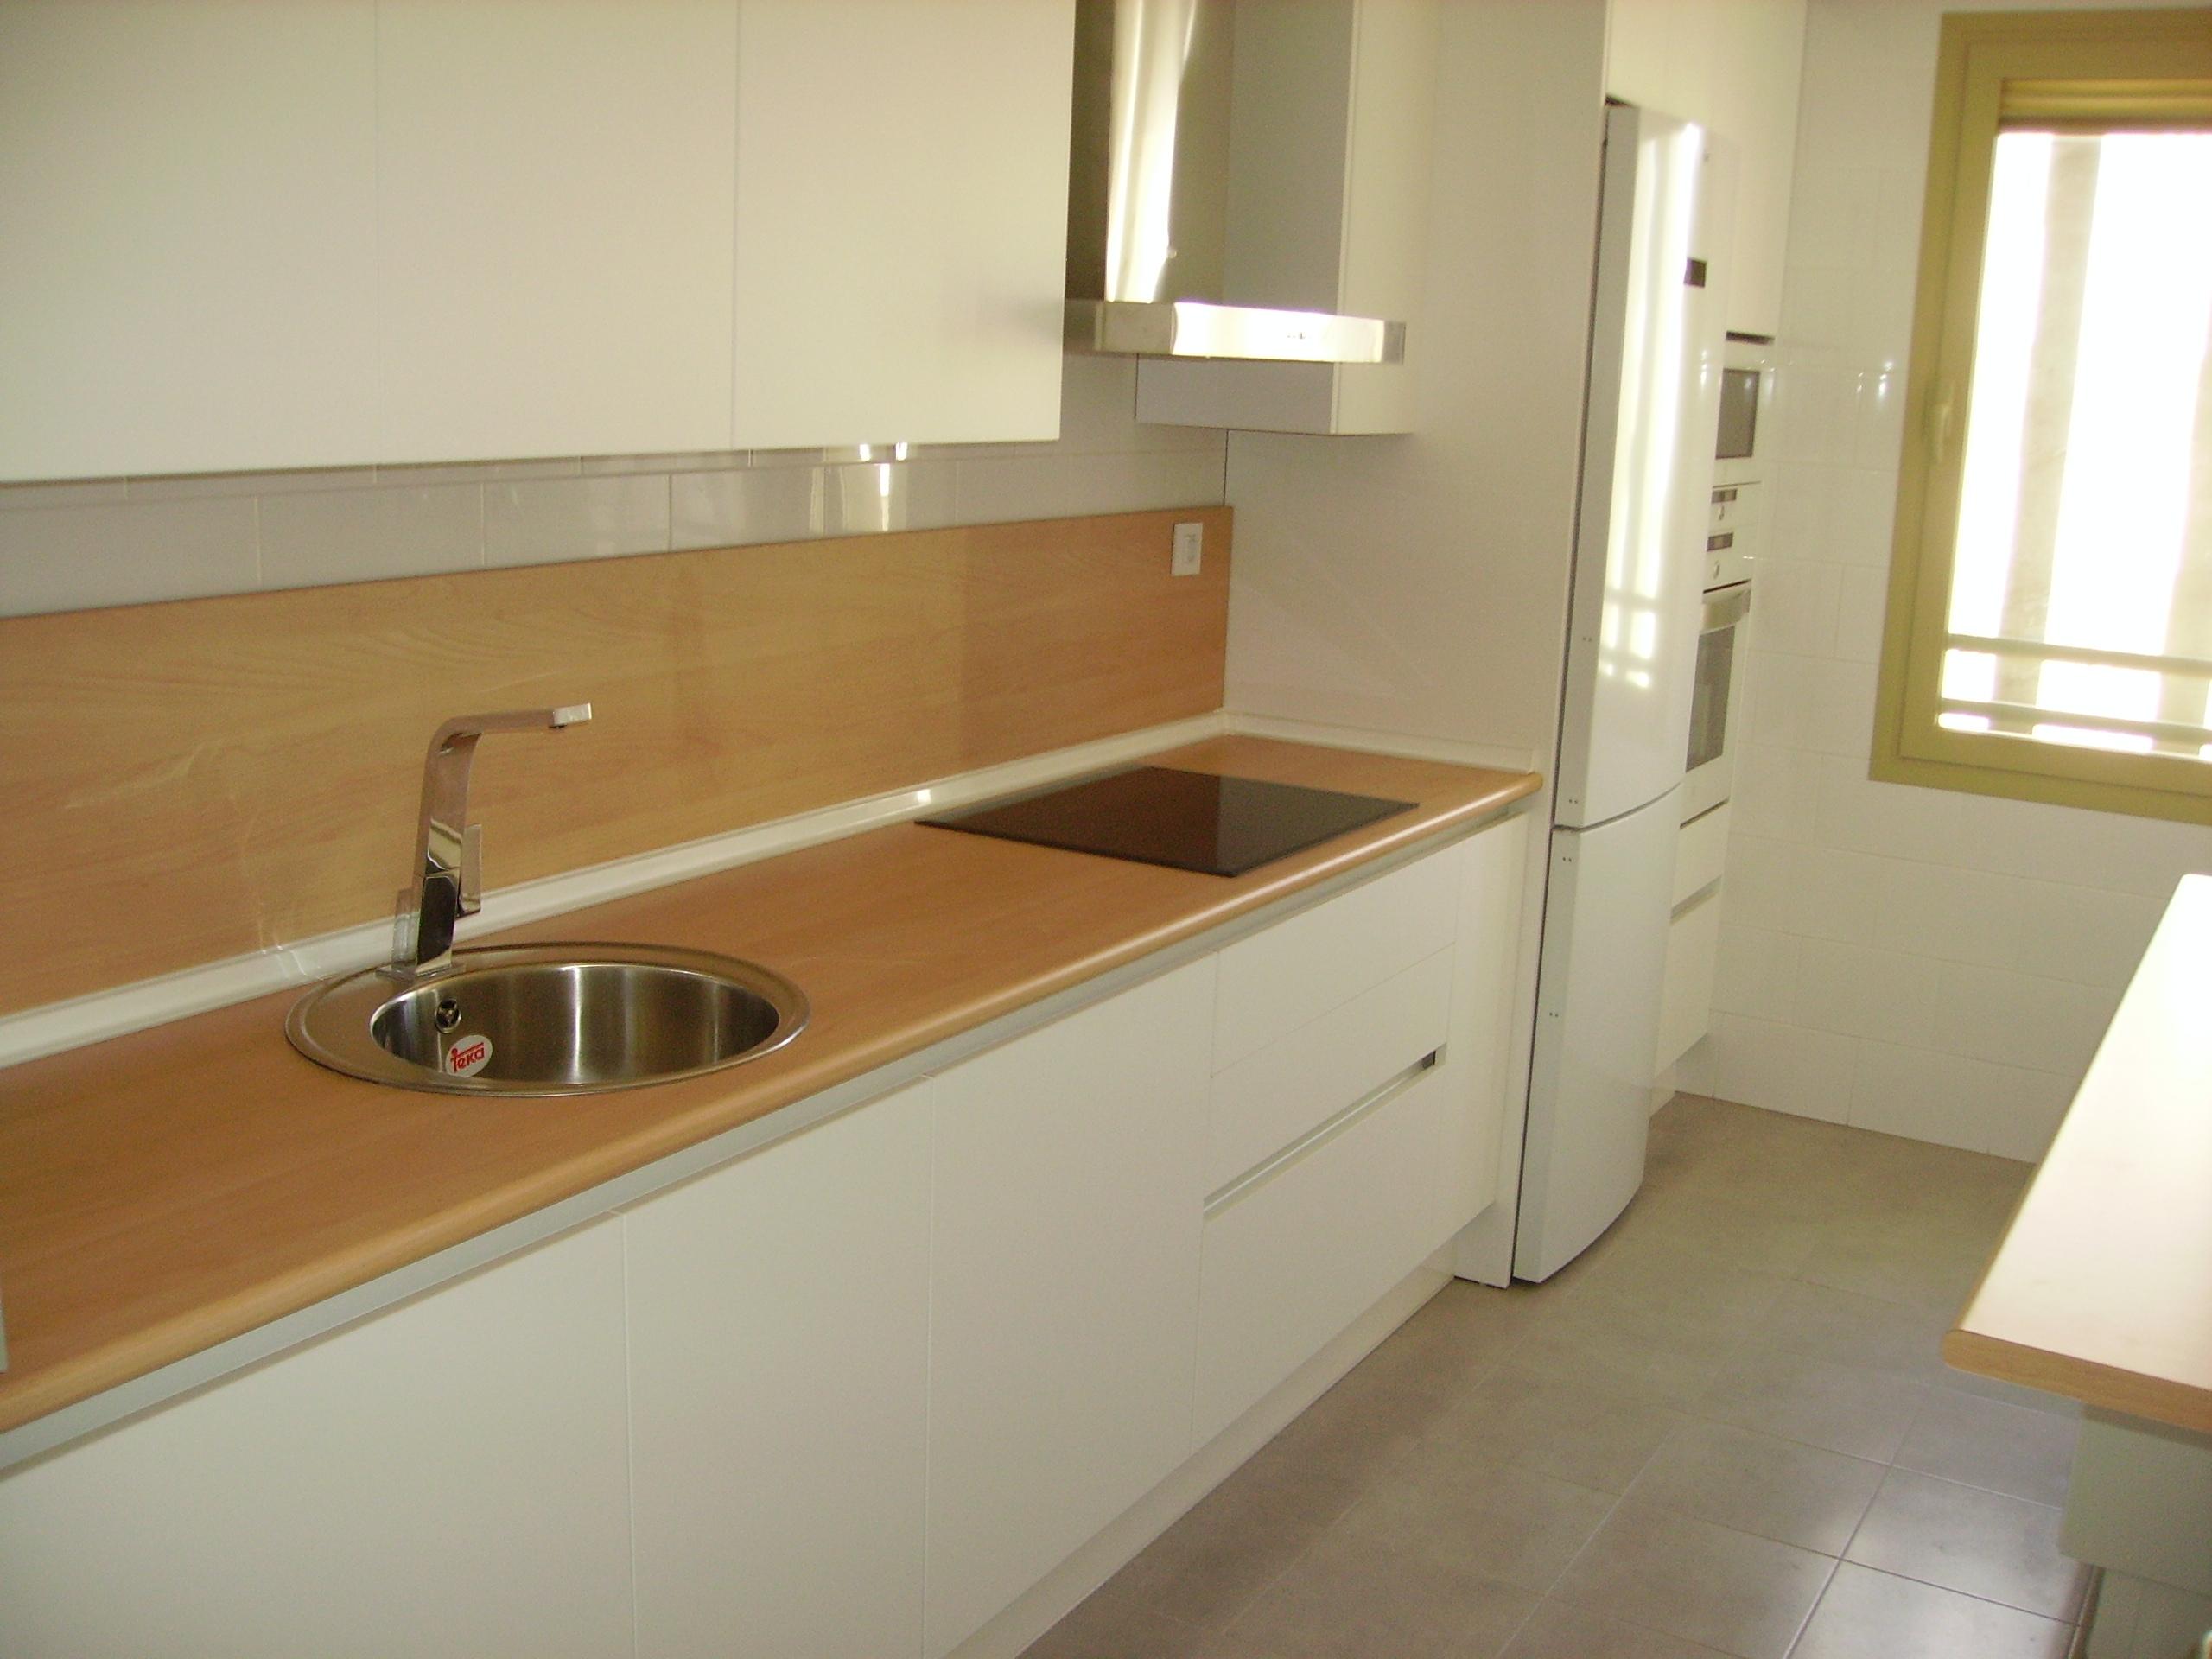 Nuestras cocinas selecci n cocinas tienda de cocinas for Mesa cocina sevilla